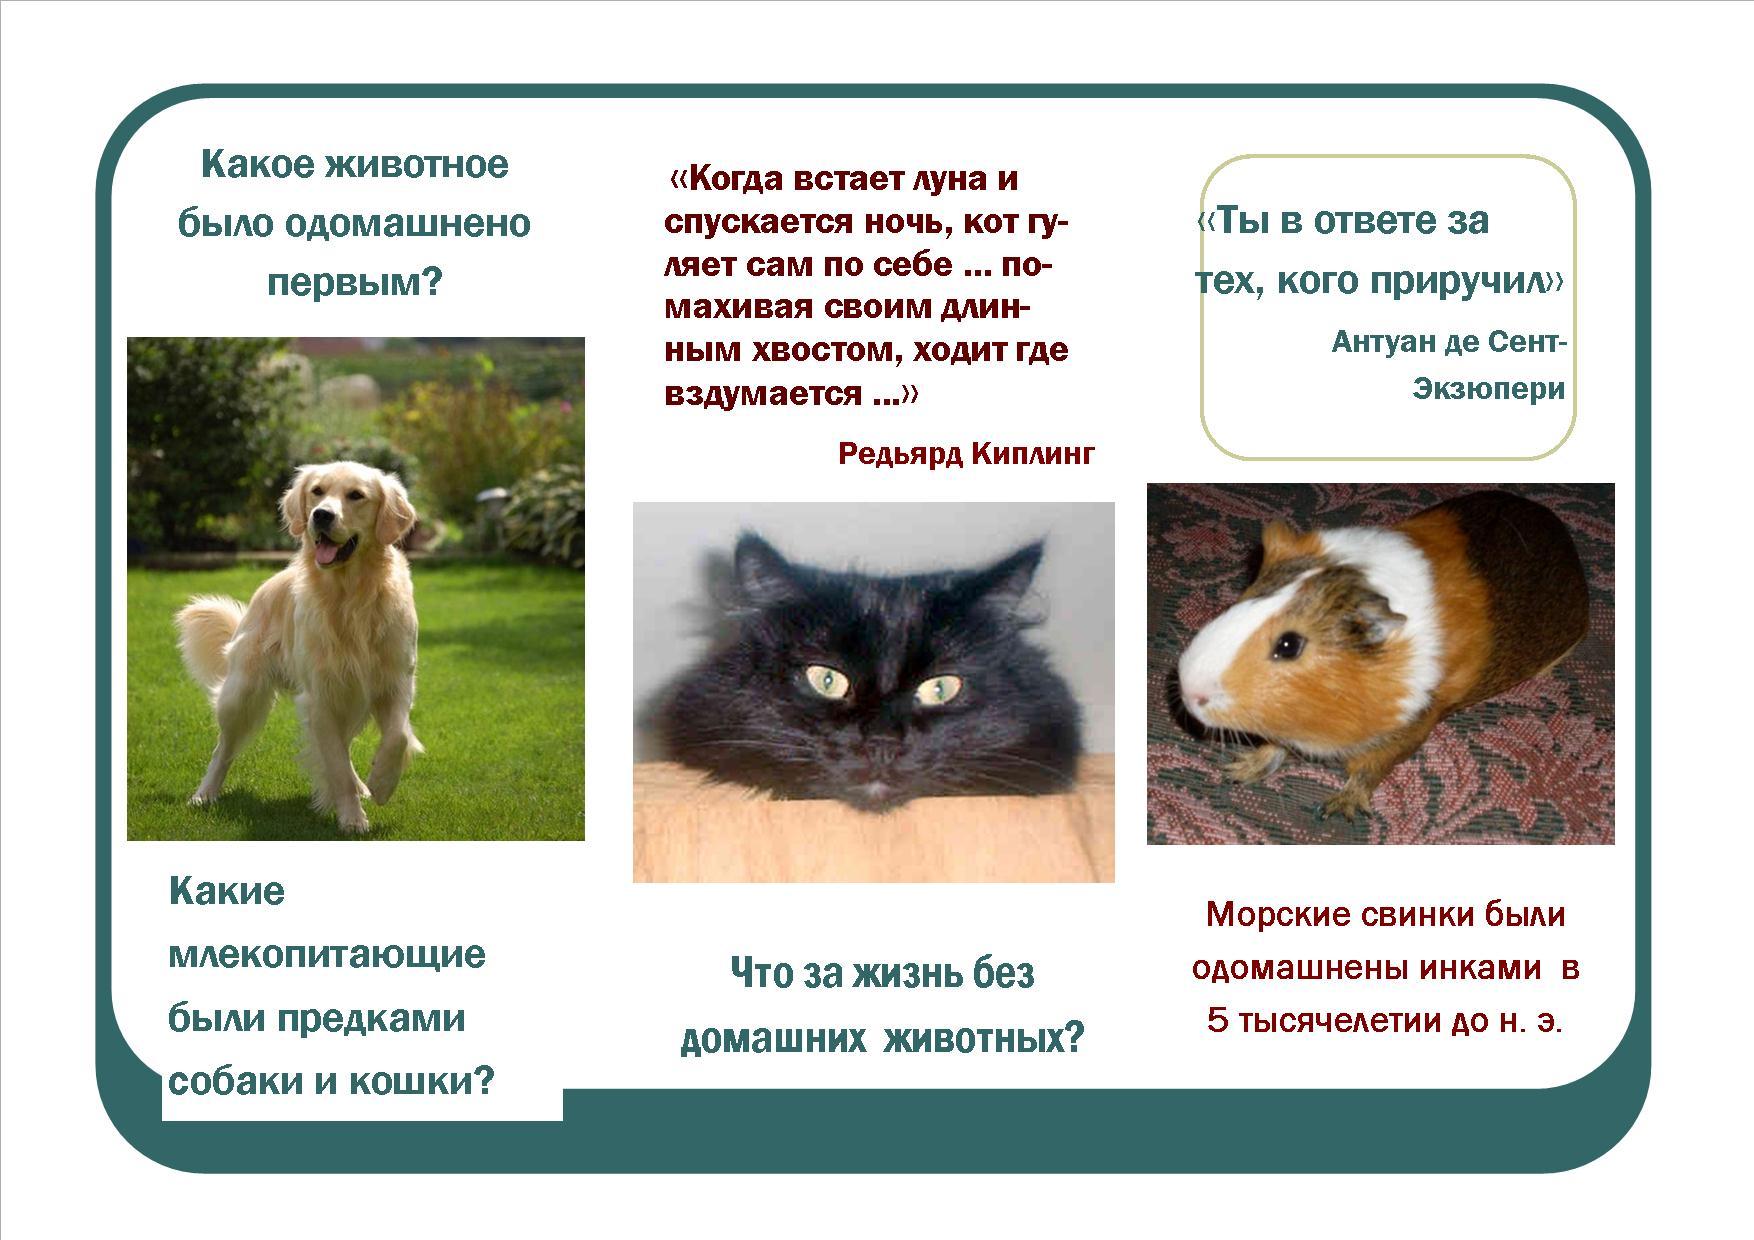 Правила продажи домашних животных питомцев в России